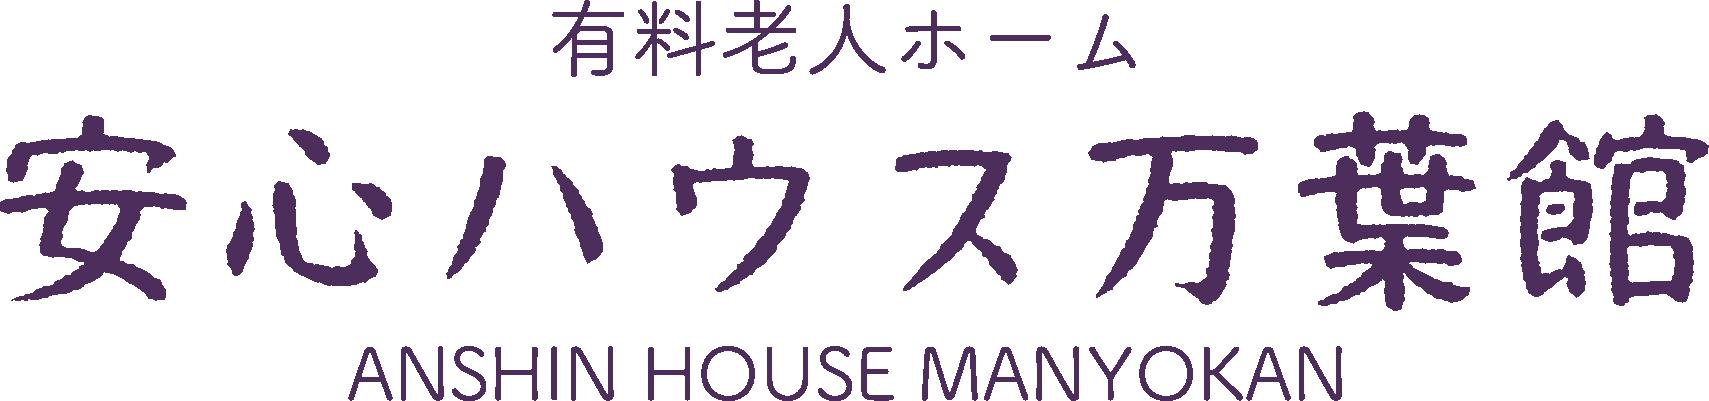 安心ハウス万葉館|トップケアの有料老人ホーム